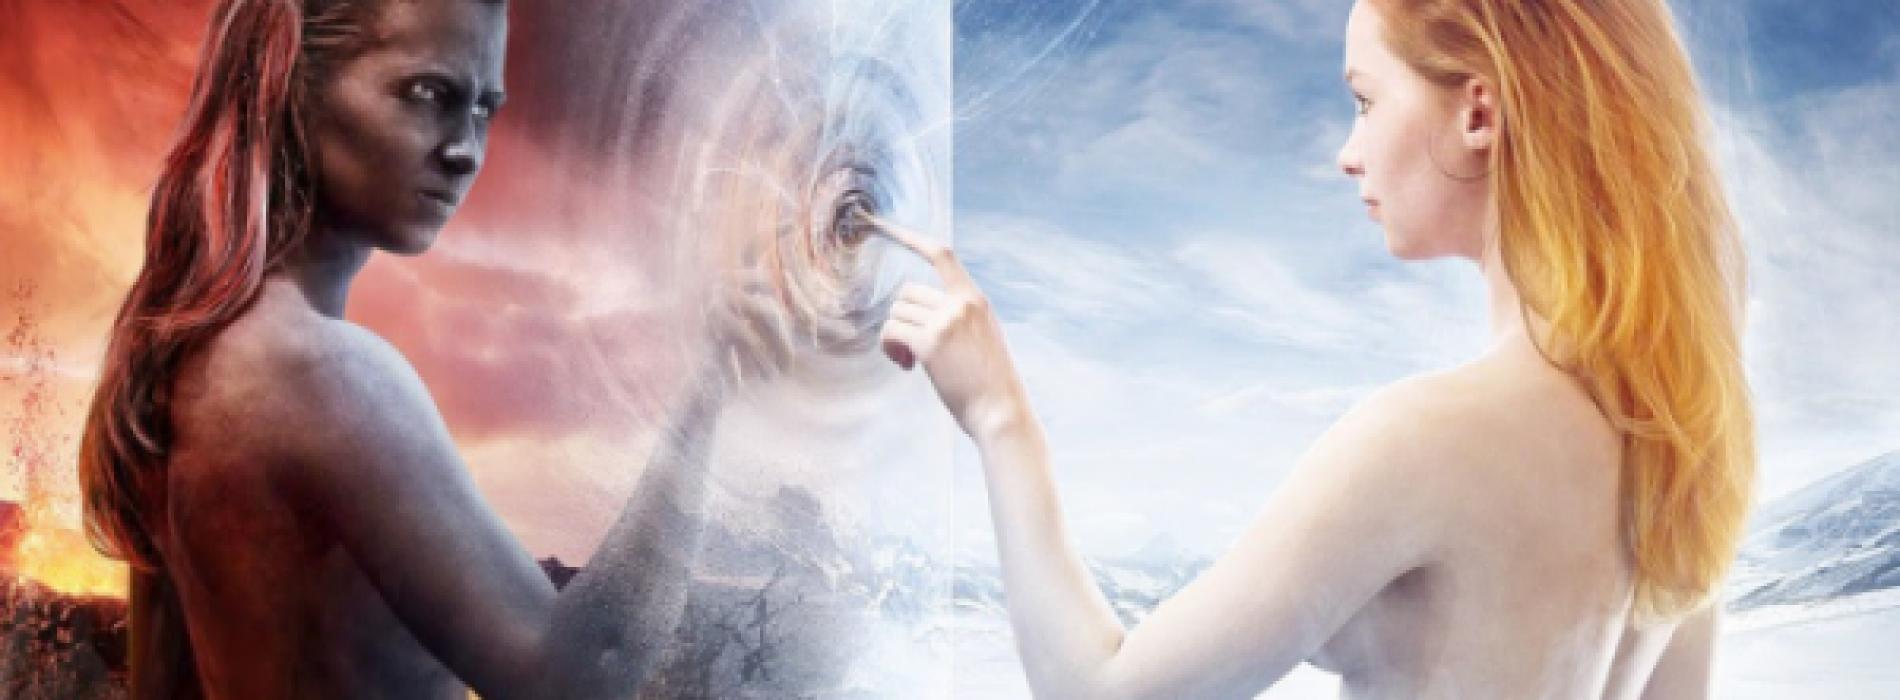 4 manieren om te stoppen met het absorberen van de negatieve energie van anderen